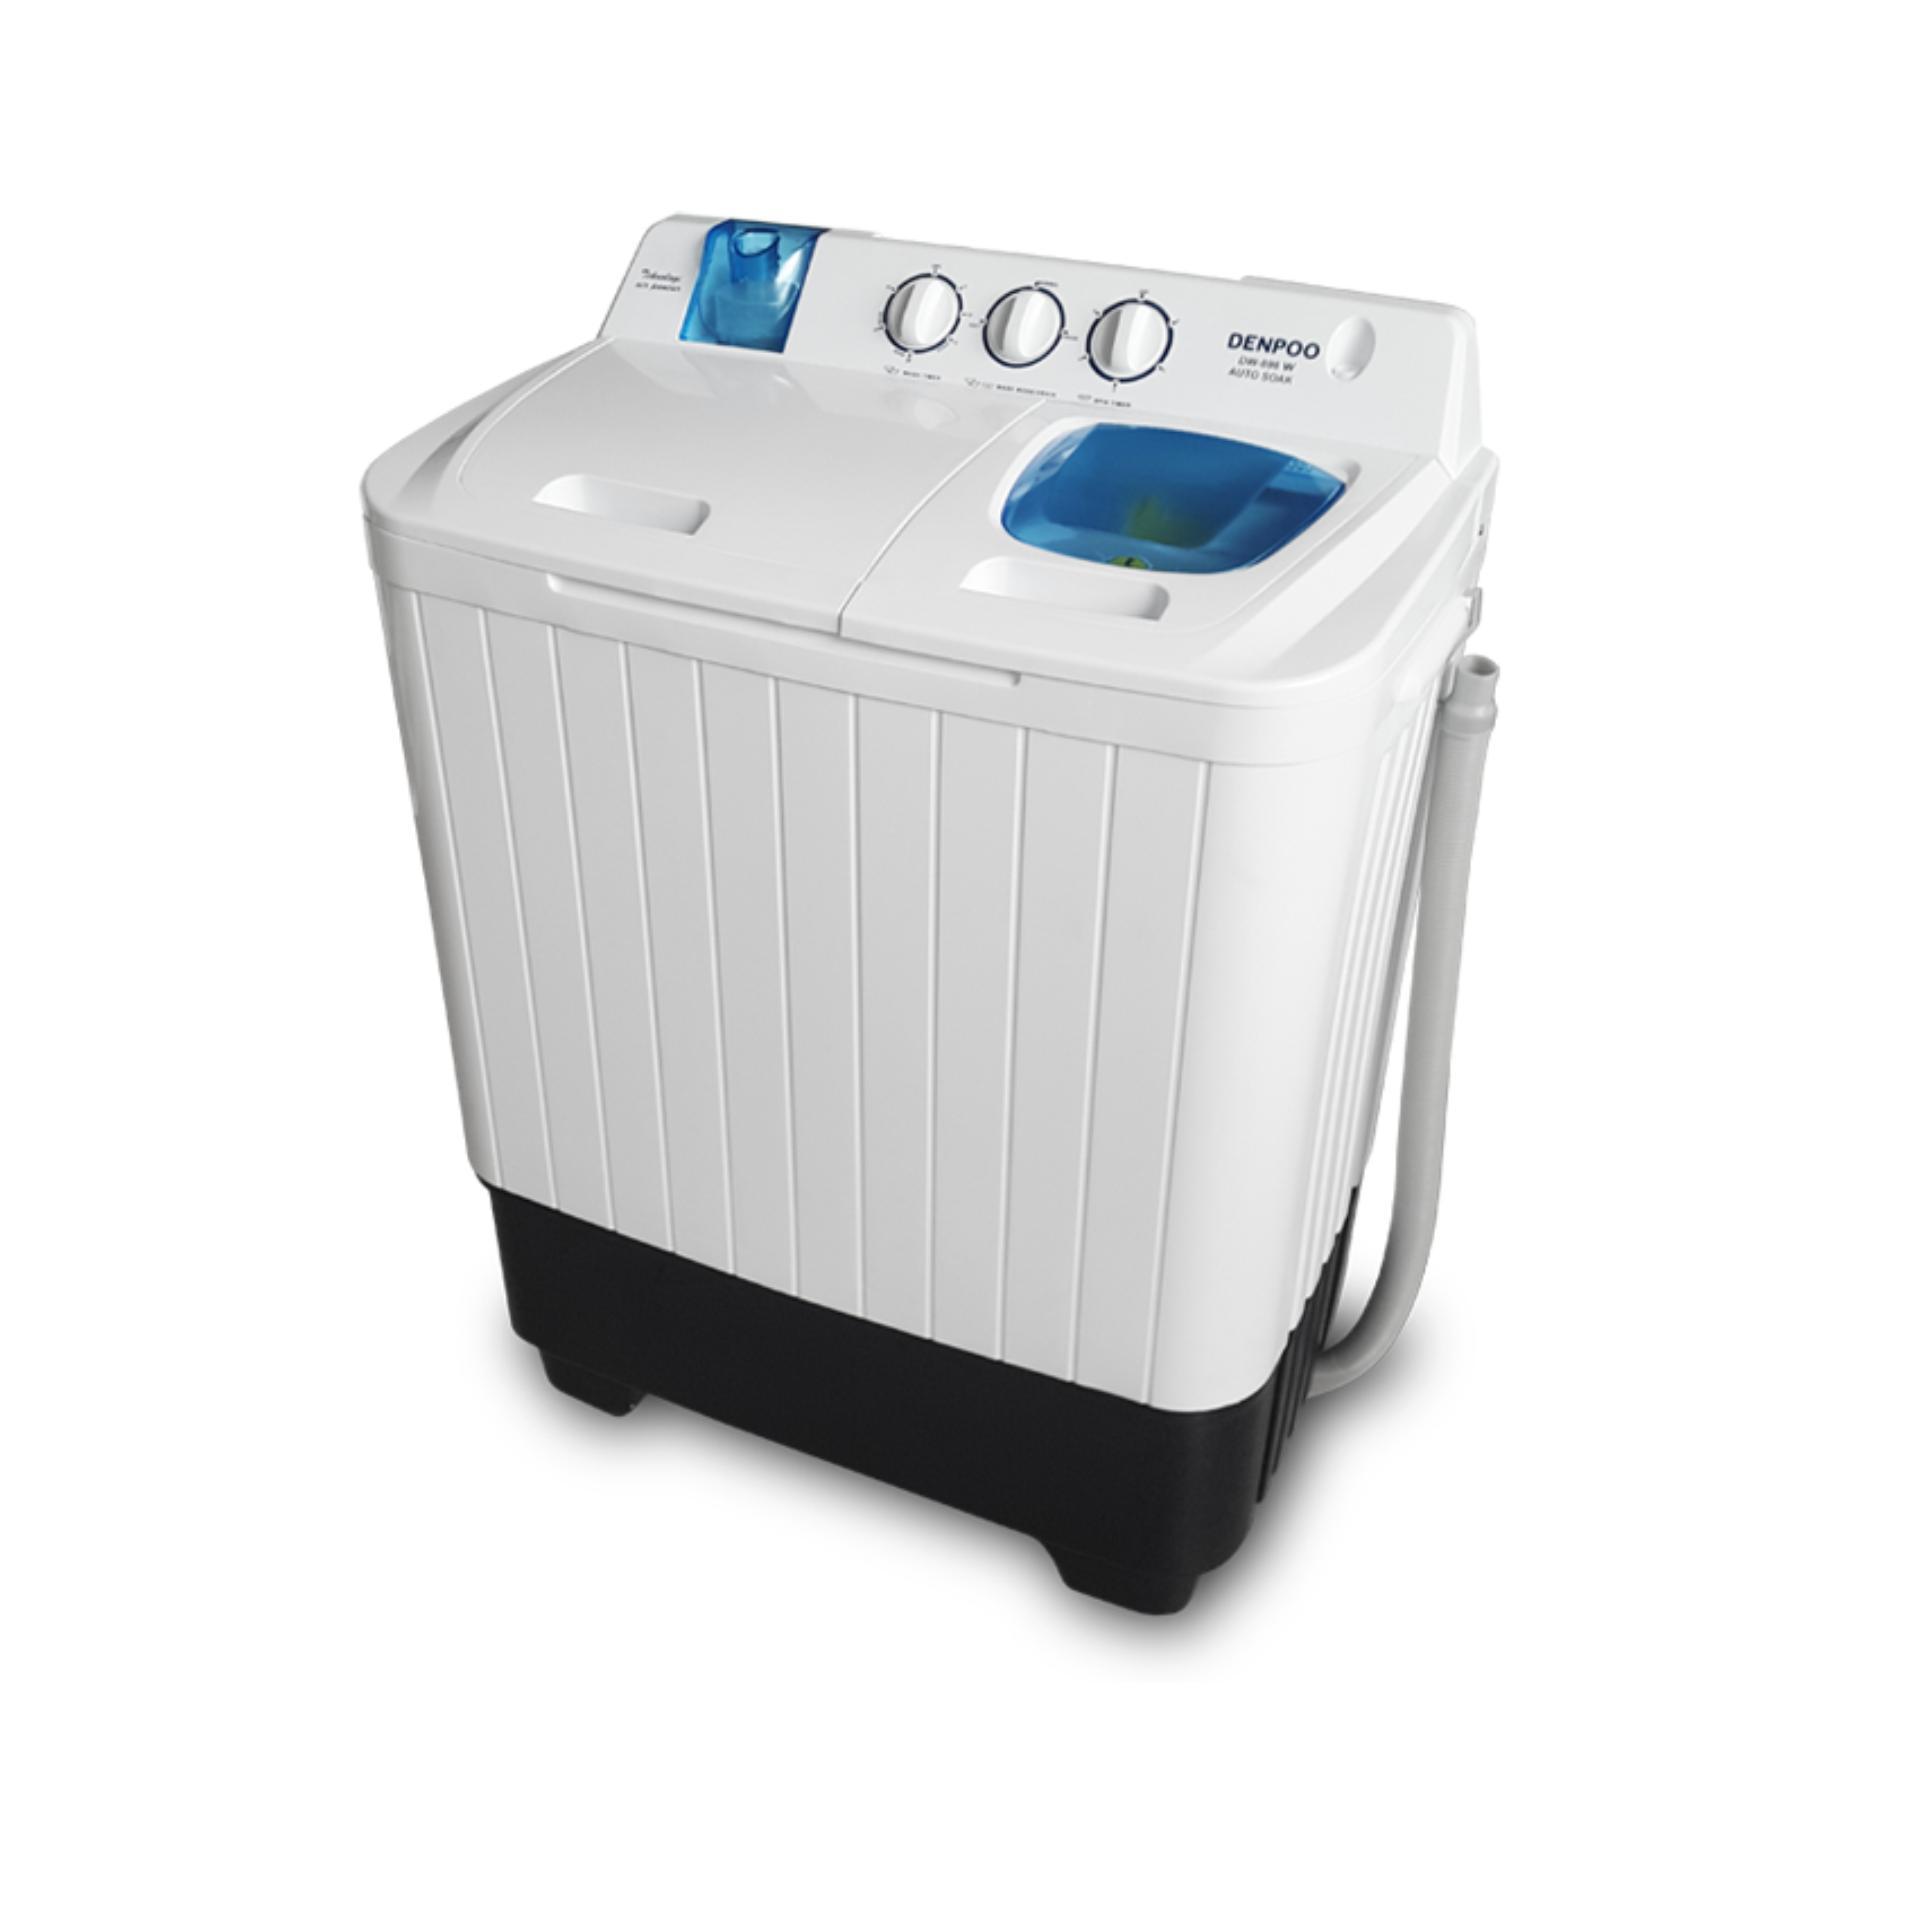 Denpoo Mesin Cuci DW898W 2 Tabung - Putih - Gratis Pengiriman Khusus Wilayah Tertentu